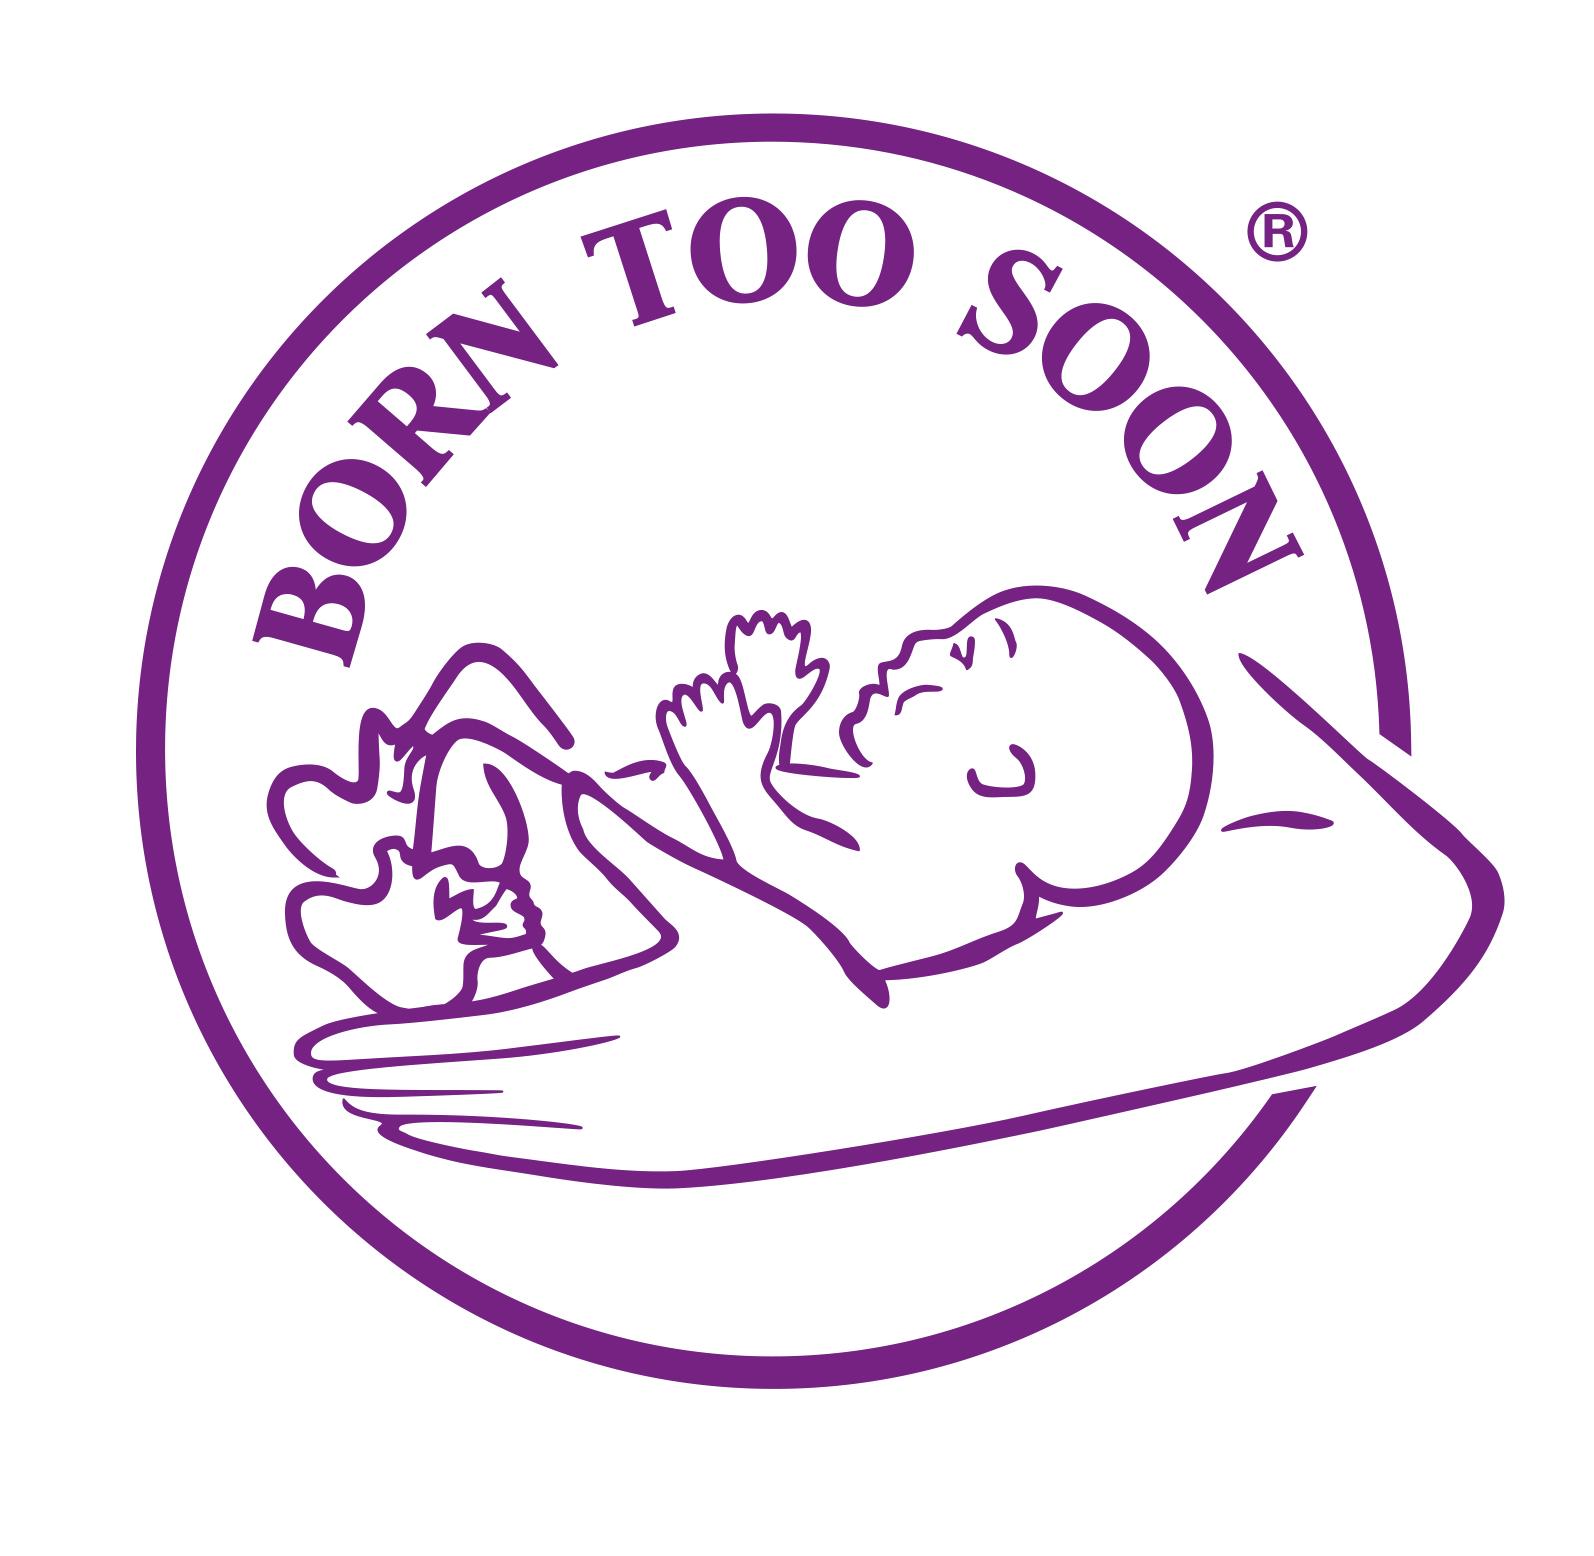 Born Too Soon Logo